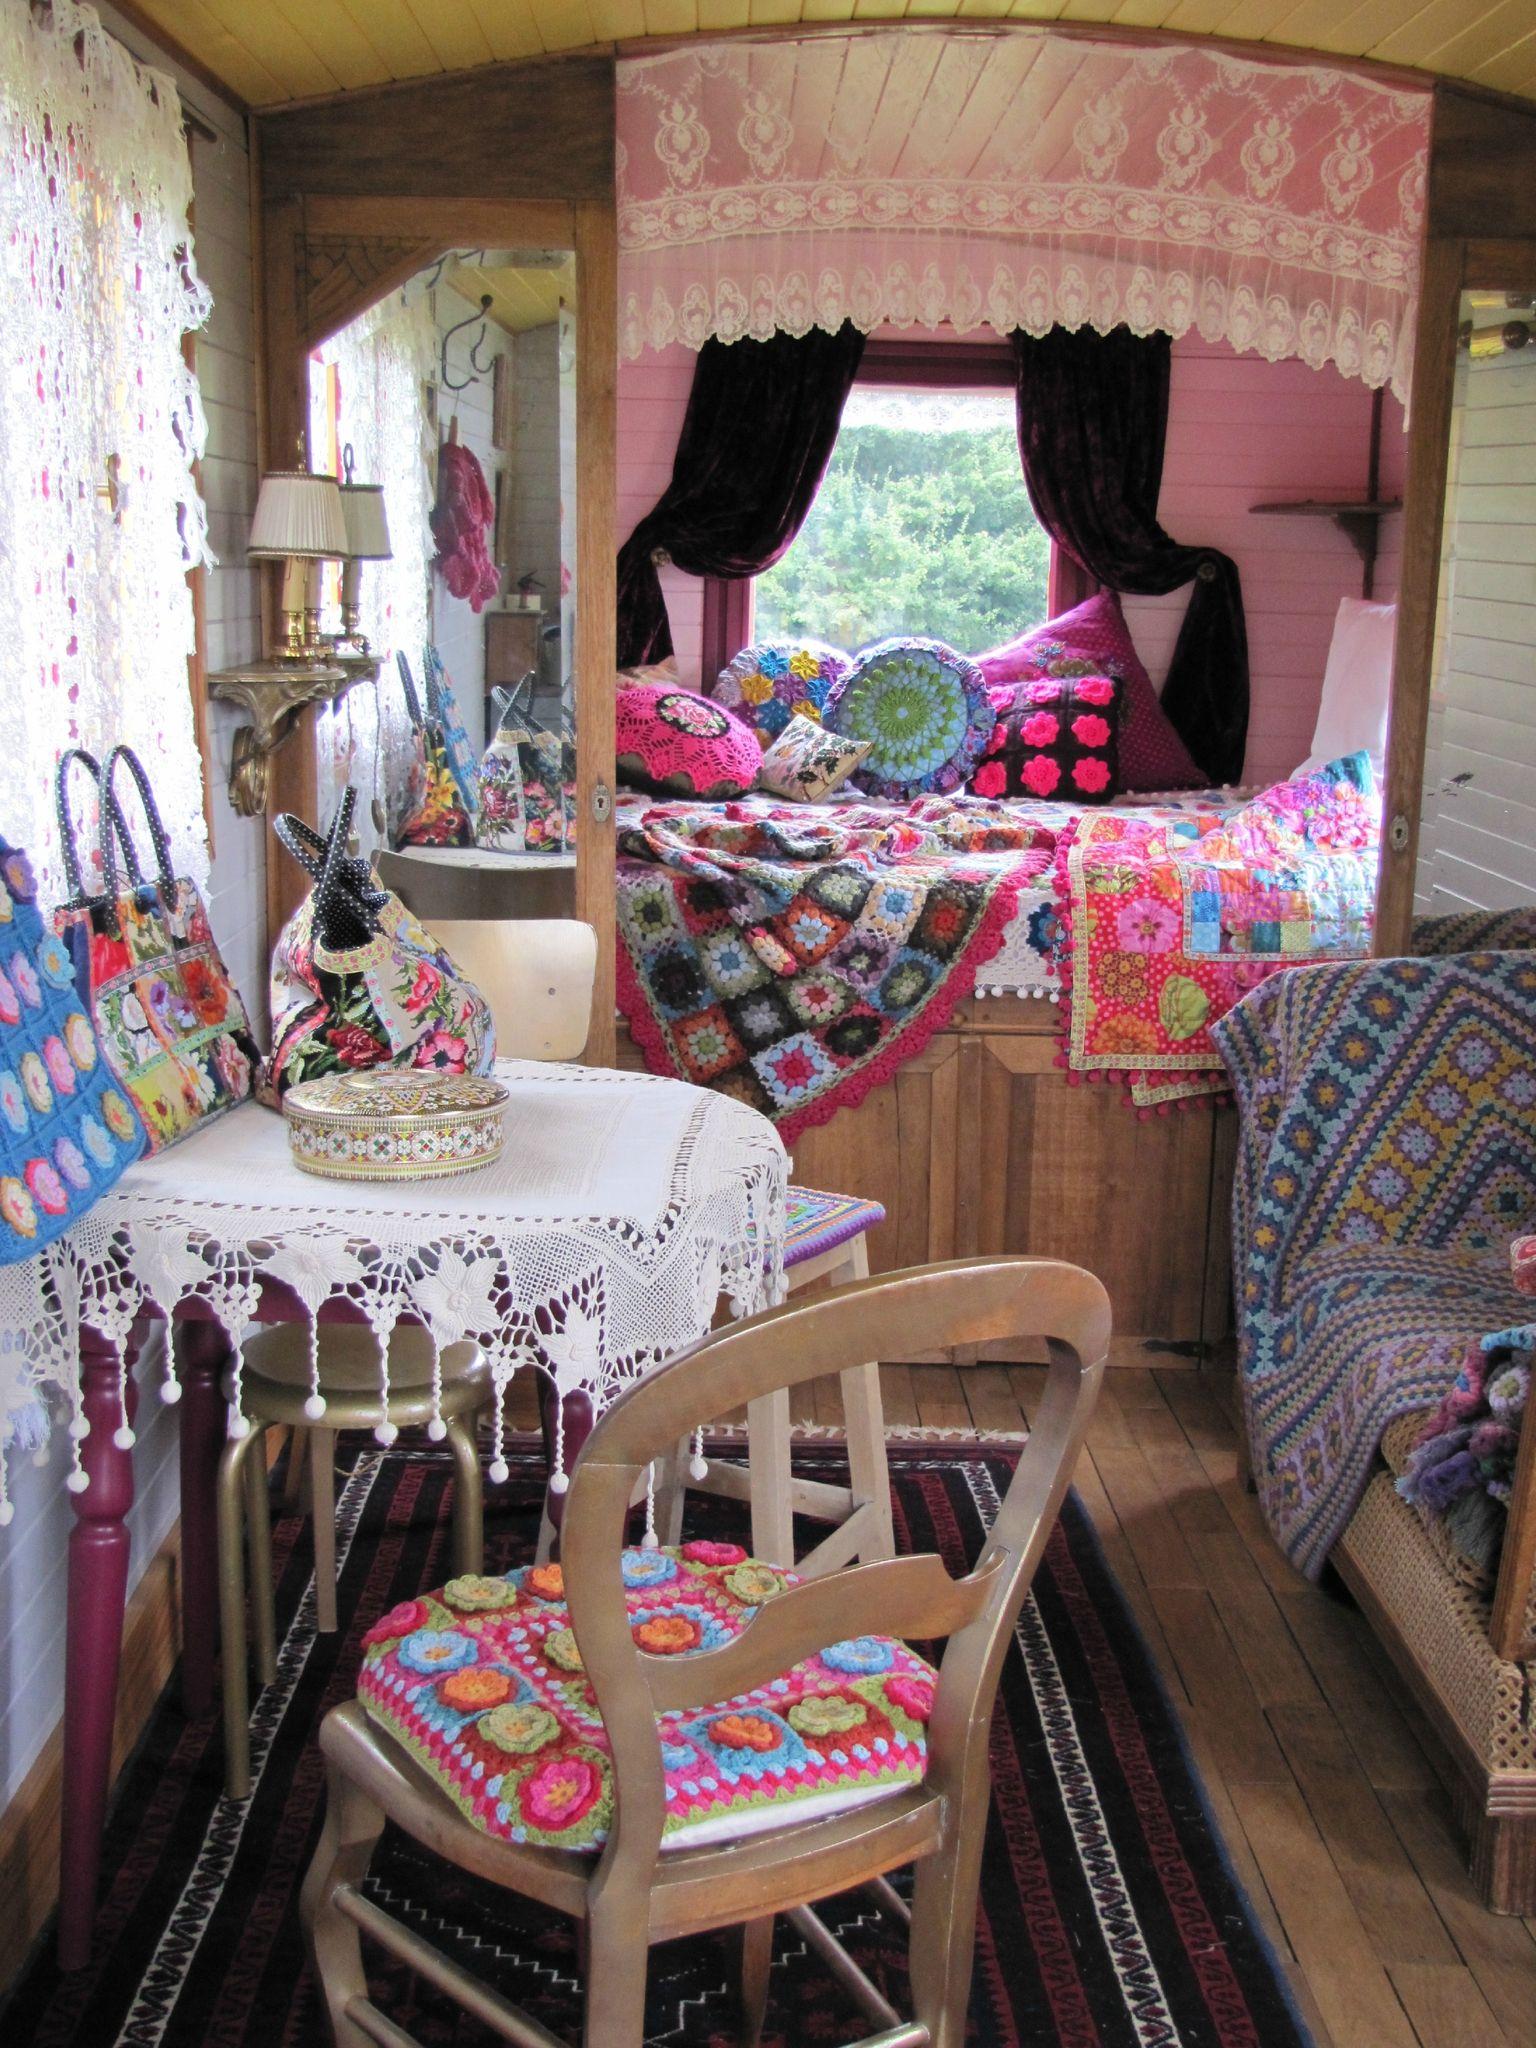 roulotte 008 la m me boh me magnolia pearl pinterest roulotte caravane et d coration roulotte. Black Bedroom Furniture Sets. Home Design Ideas